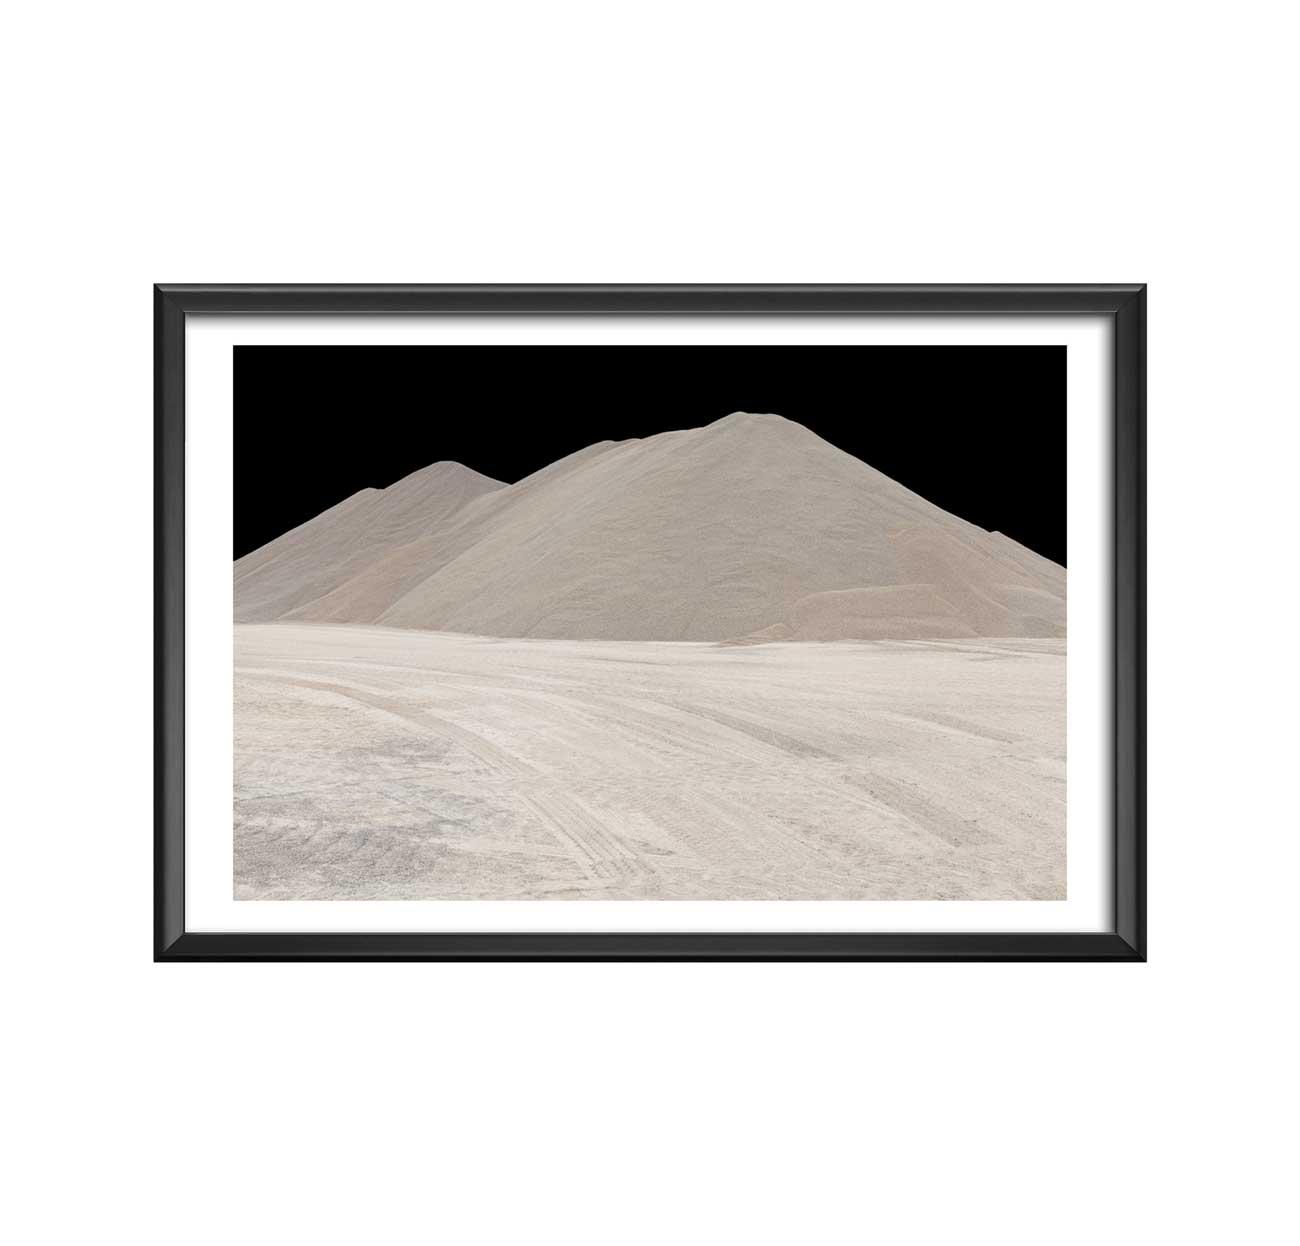 tirage limit un autre paysage 01 aur lie foussard photographie d 39 art contemporain. Black Bedroom Furniture Sets. Home Design Ideas